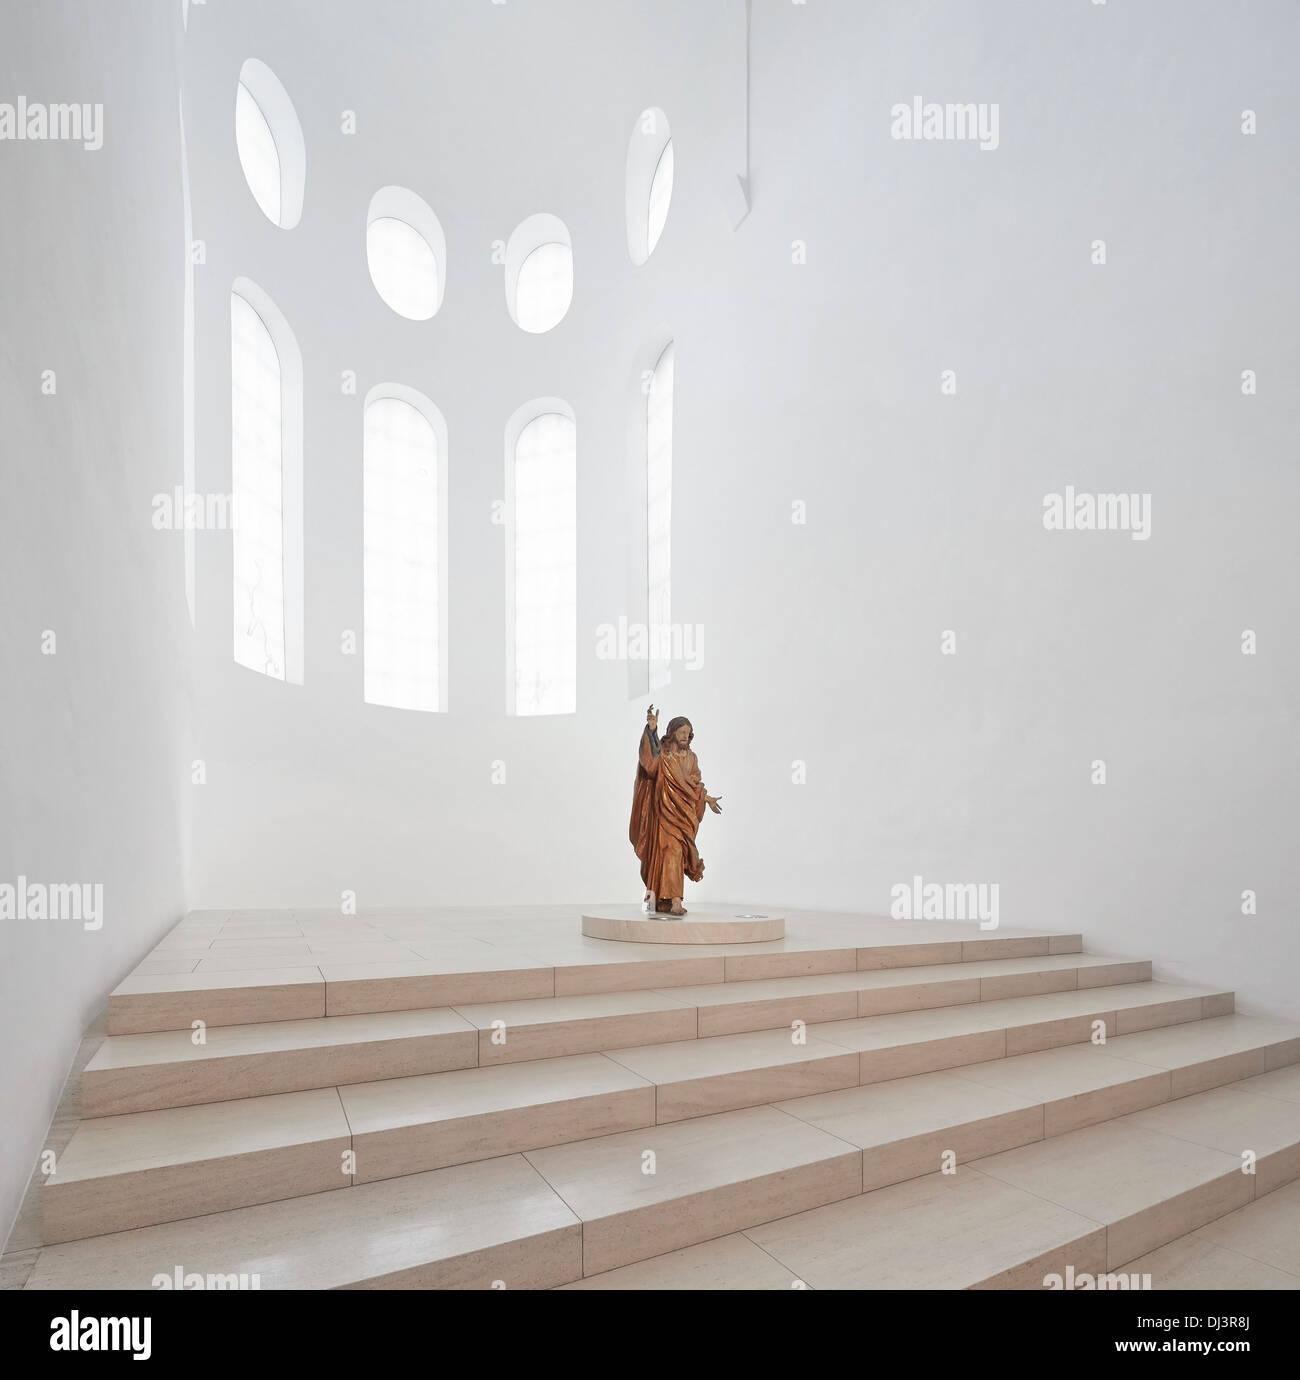 Architekt Augsburg moritzkirche augsburg deutschland architekt pawson 2013